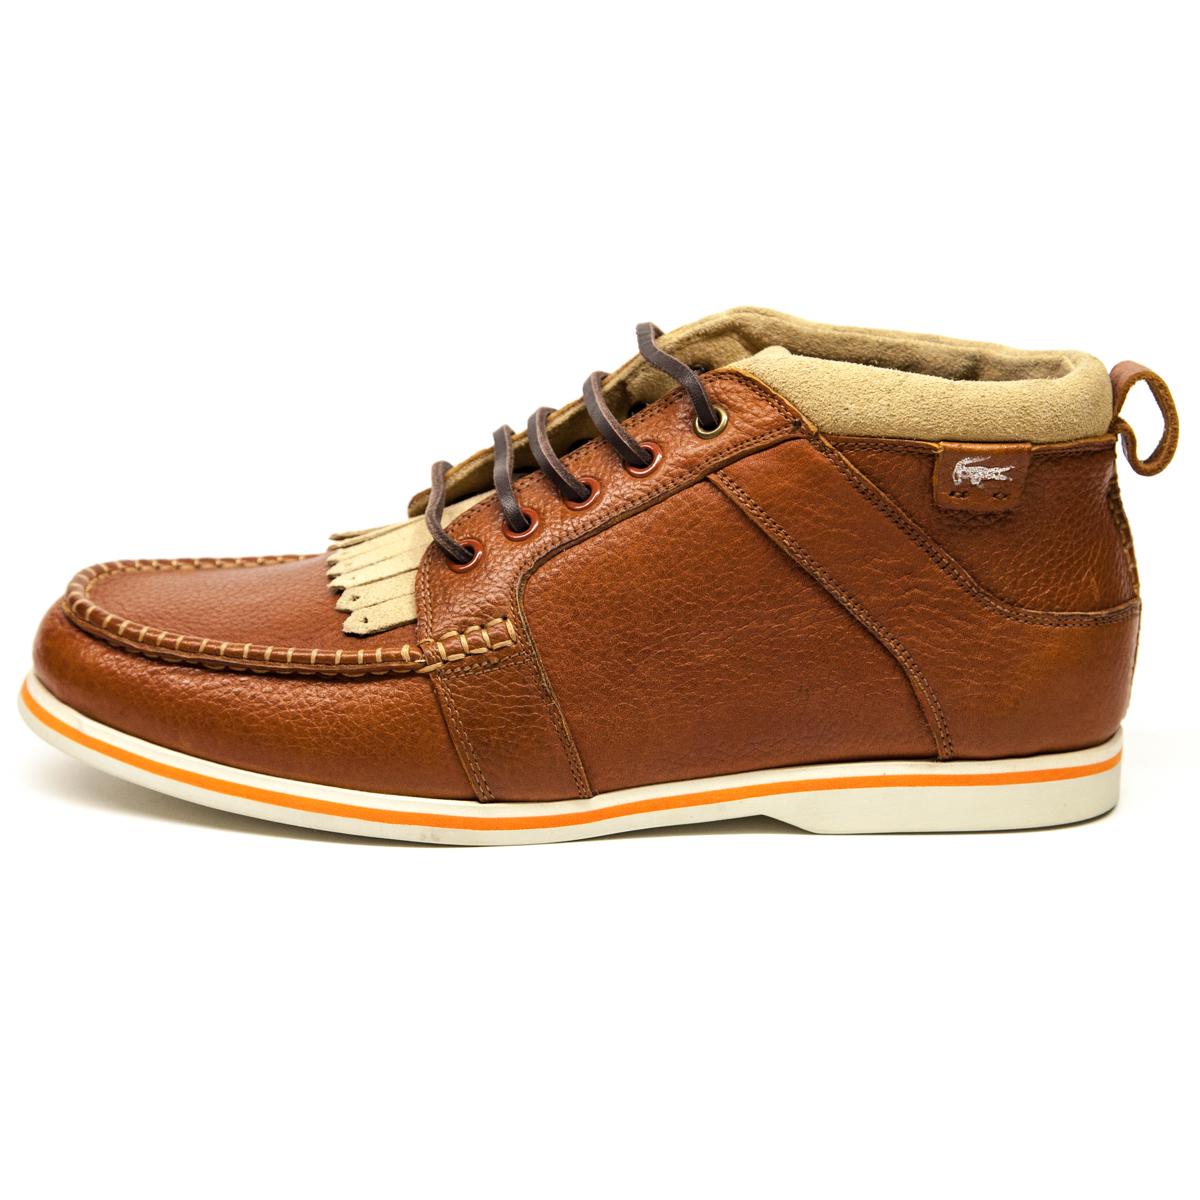 f16a635141f1 Купить обувь Lacoste в интернет-магазине Wrong store